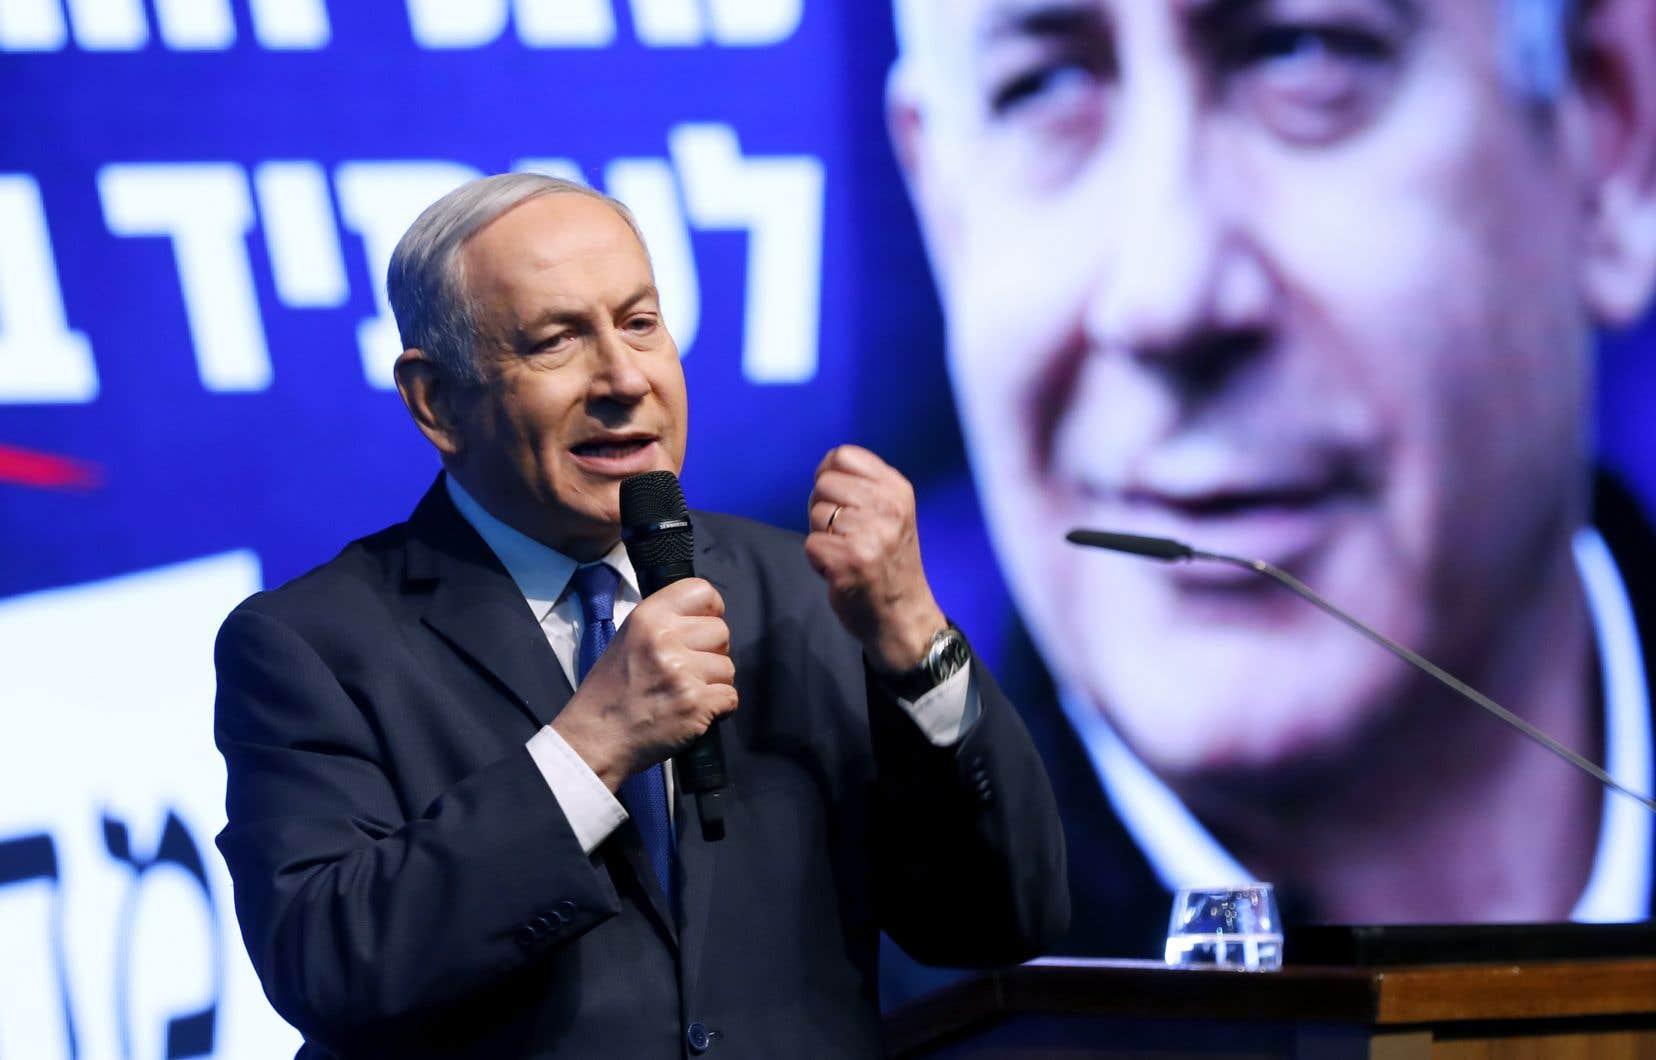 <p>M.Netanyahou, inculpé pour corruption dans une série d'affaires et dont le procès s'ouvre le 17mars, a fait de l'annexion de pans de la Cisjordanie, territoire palestinien occupé depuis 1967, sa priorité en cas de victoire.</p>